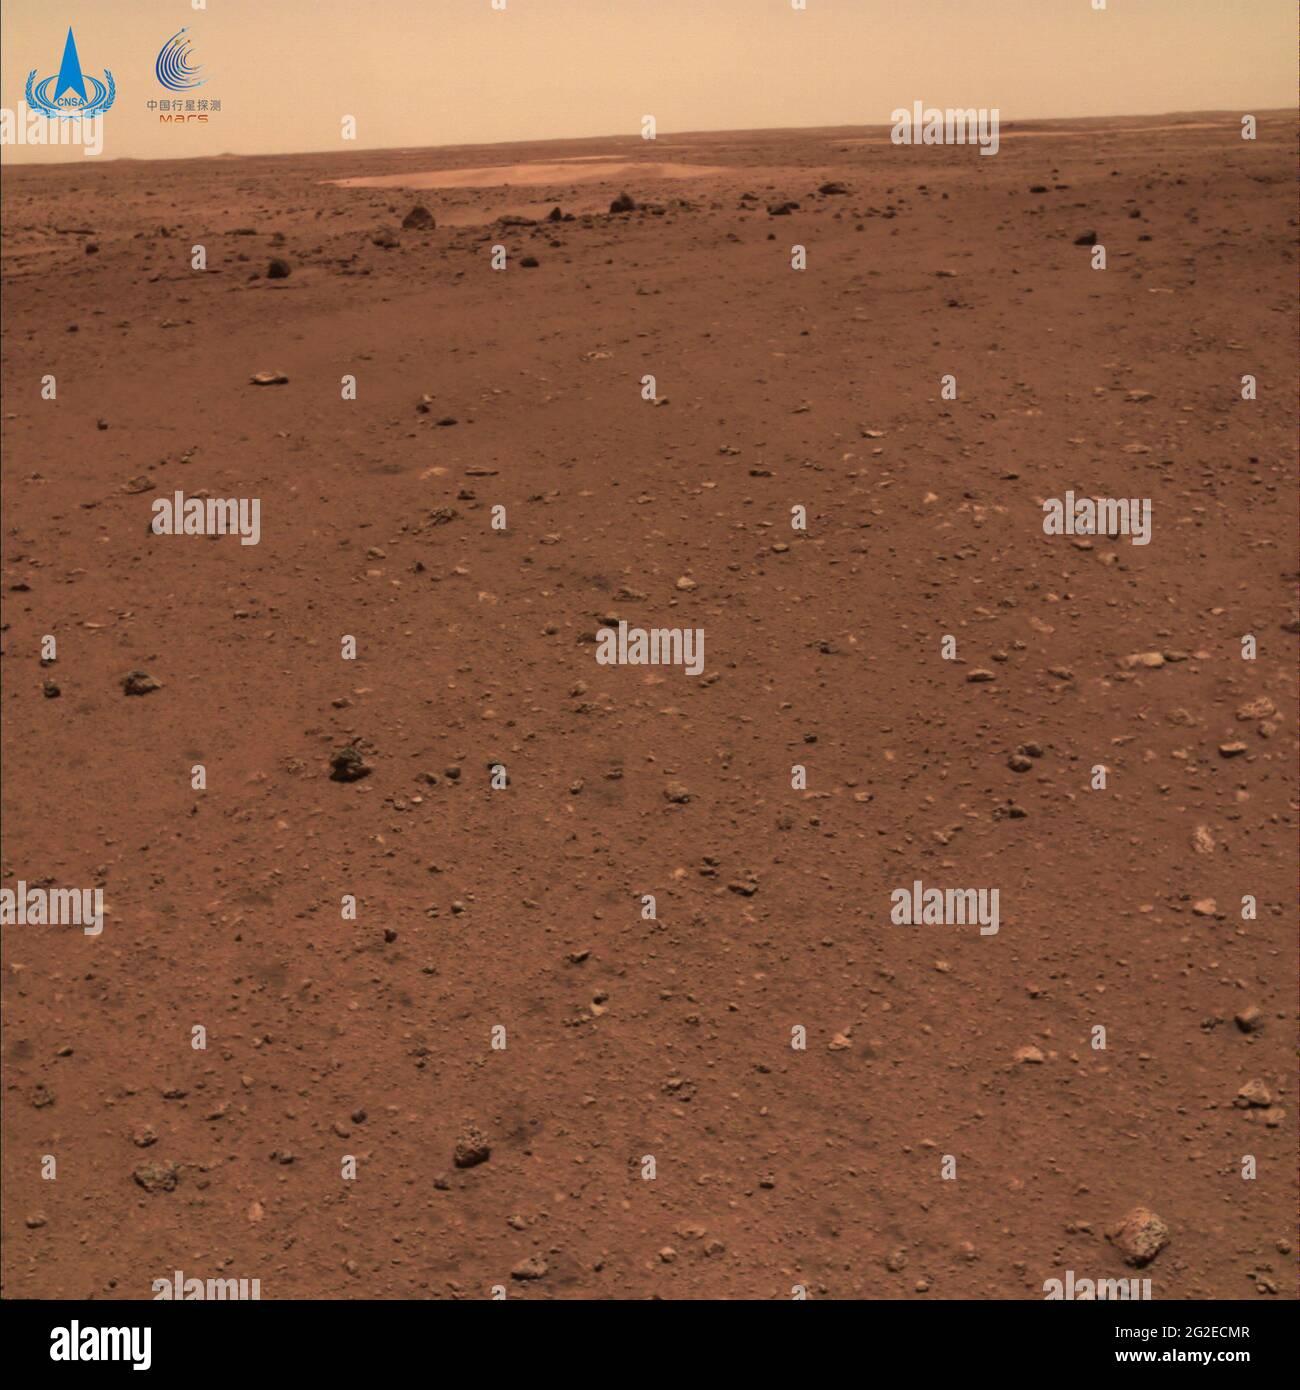 (210611) -- BEIJING, 11 de junio de 2021 (Xinhua) -- Foto publicada el 11 de junio de 2021 por la Administración Nacional del Espacio de China (CNSA) muestra el paisaje marciano. La Administración Nacional del Espacio de China publicó el viernes nuevas imágenes tomadas por el primer rover de Marte Zhurong del país, mostrando la bandera nacional en el planeta rojo. Las imágenes fueron reveladas en una ceremonia en Beijing, significando un éxito completo de la primera misión de exploración de marte de China. Las imágenes incluyen el panorama del sitio de aterrizaje, paisaje marciano y una selfie del rover con la plataforma de aterrizaje. (CNSA/Folleto via Xinhua) Foto de stock